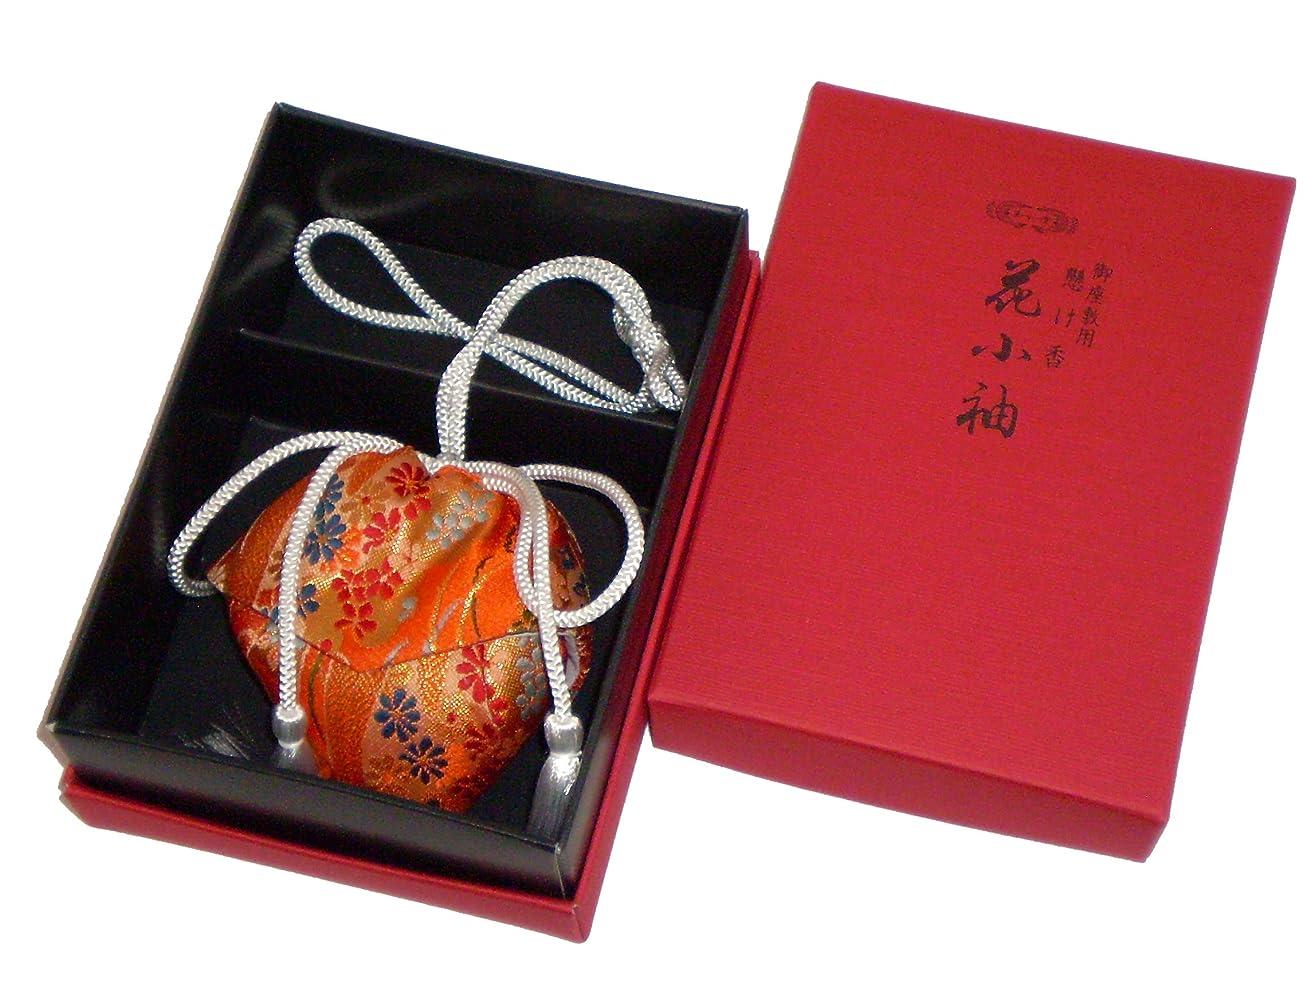 甘やかすヒロインパッケージ玉初堂のお香 花小袖 掛ケ香 #458